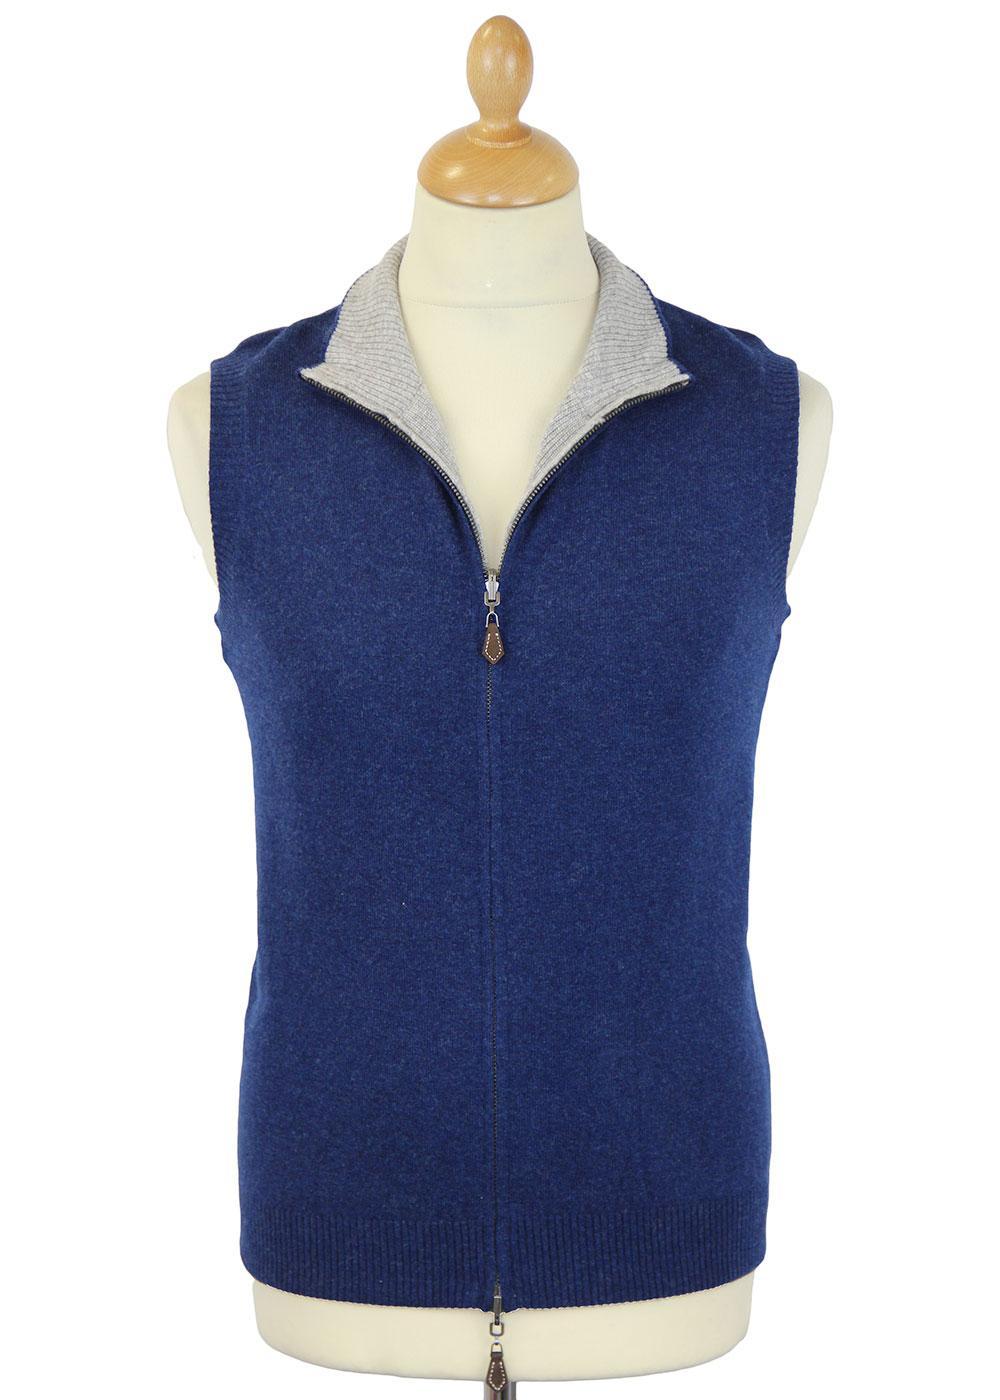 Eastville ALAN PAINE Retro Reversible Wool Gilet I